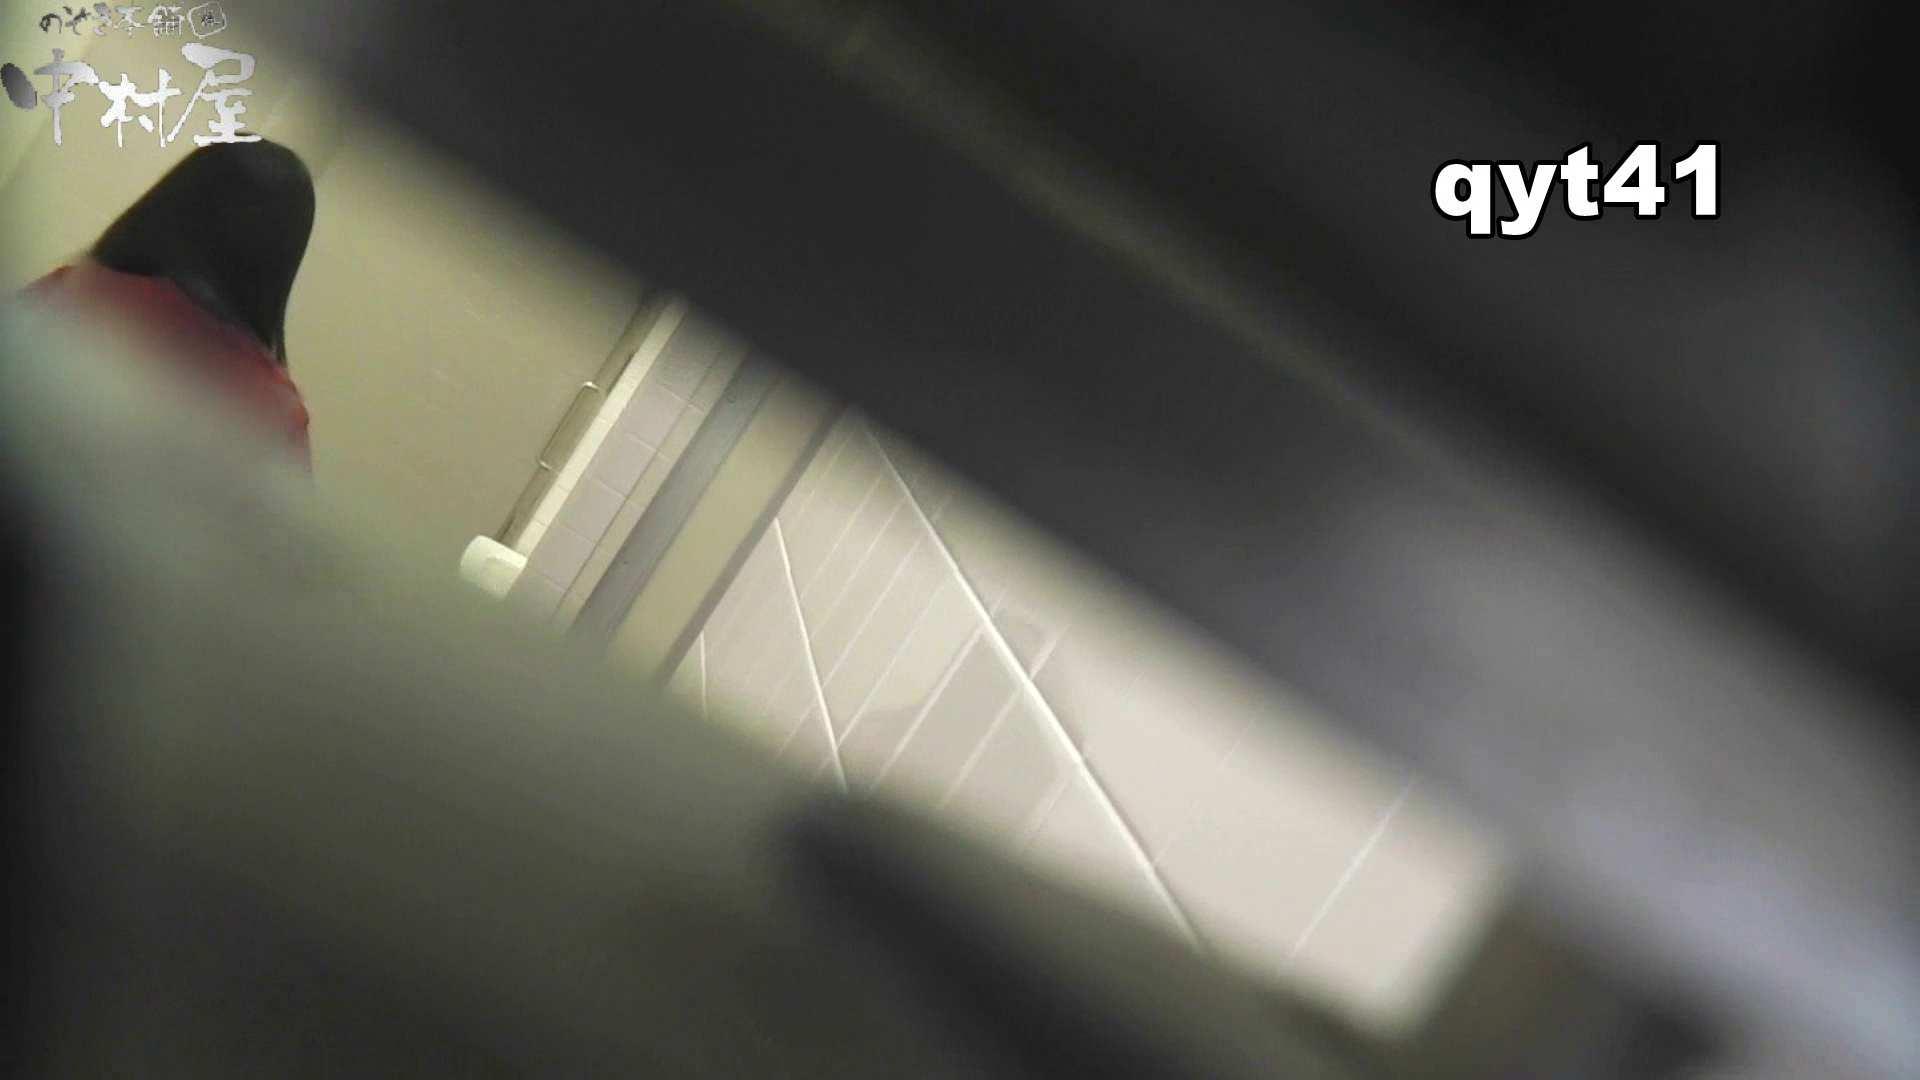 【お銀さんの「洗面所突入レポート!!」】お銀さんの「洗面所突入レポート!!」 vol.41 ジャジャ漏れ OL女体 AV無料 60連発 53